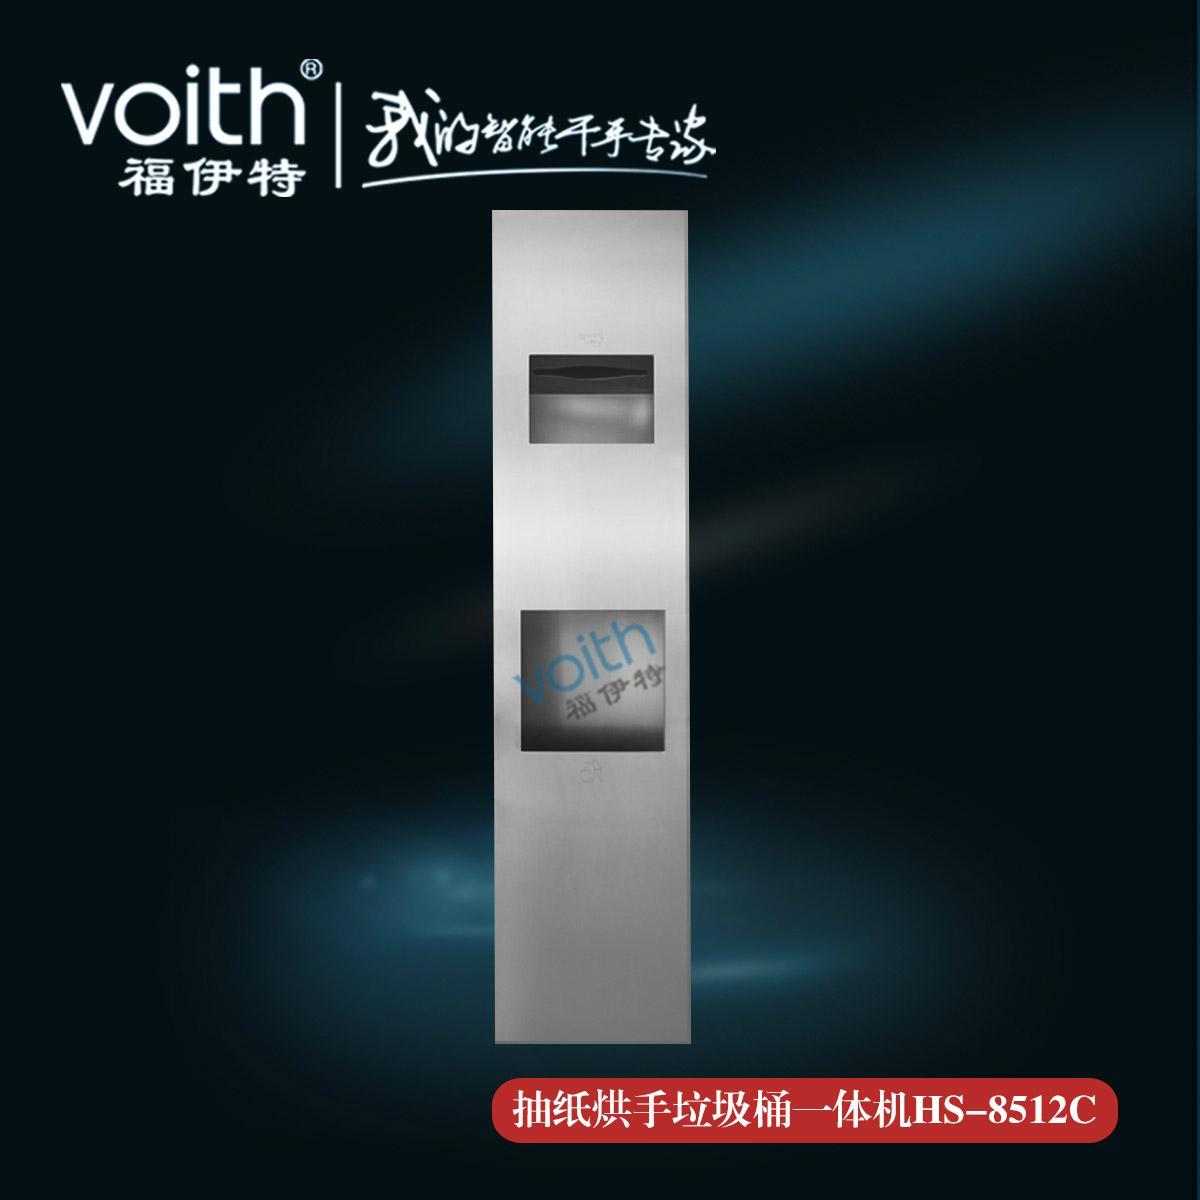 甦南碩放機場高速干手器HS-8512C 大品牌福伊特VOITH 4